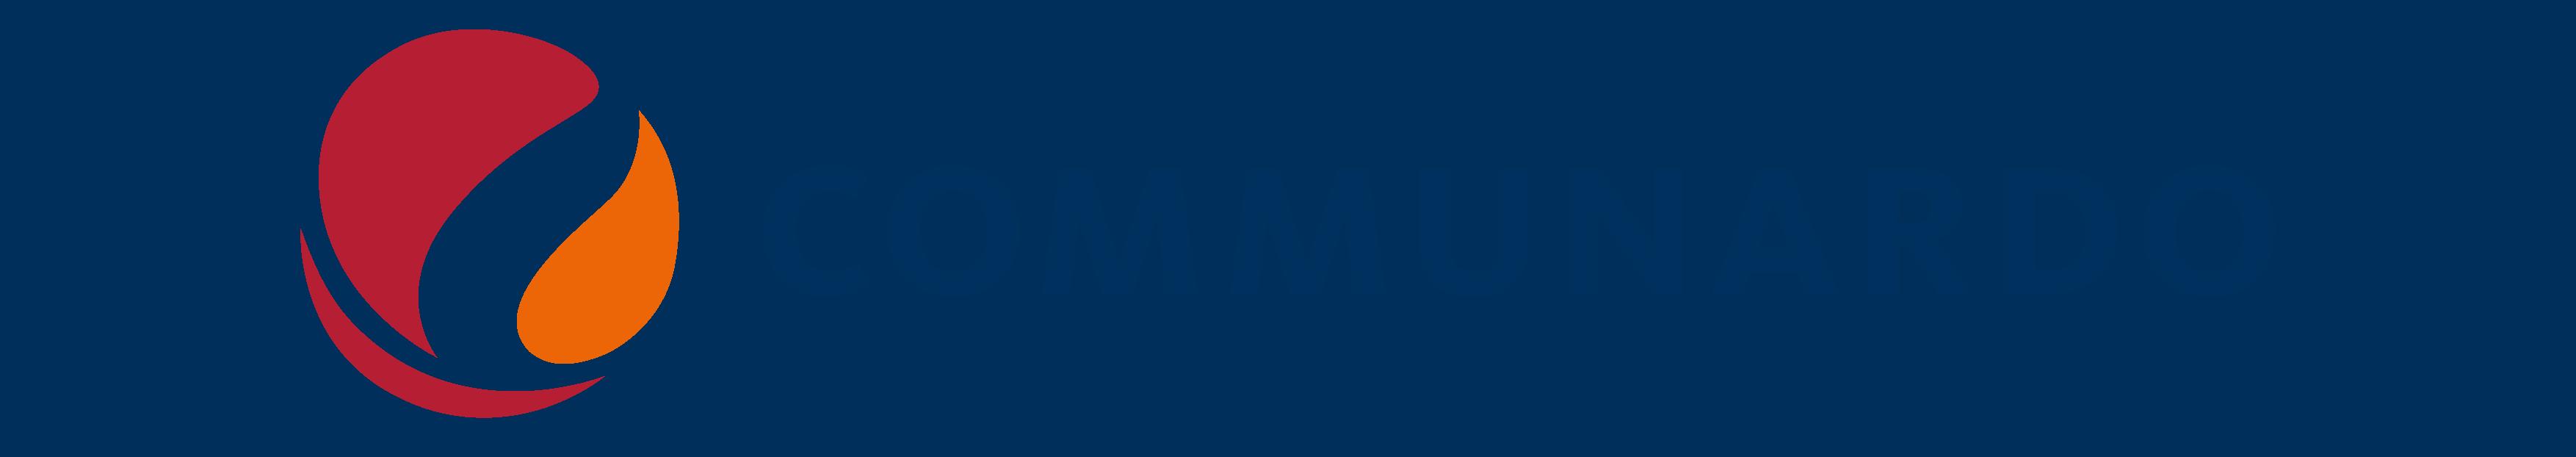 Communardo-Logo_RGB_quer